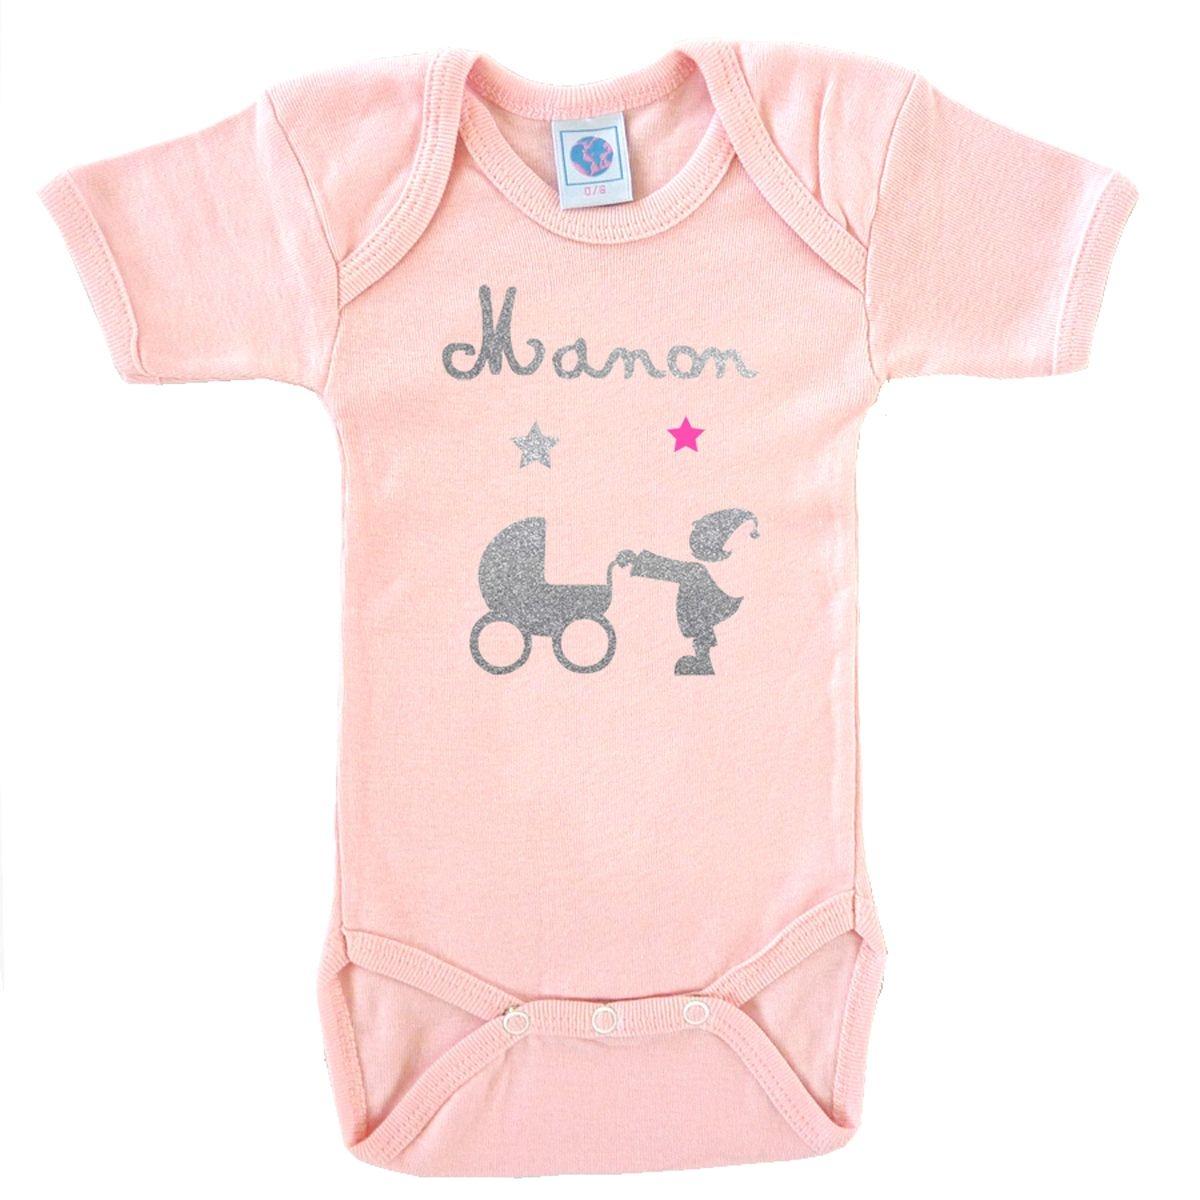 Body bébé prénom en coton manches courtes rose